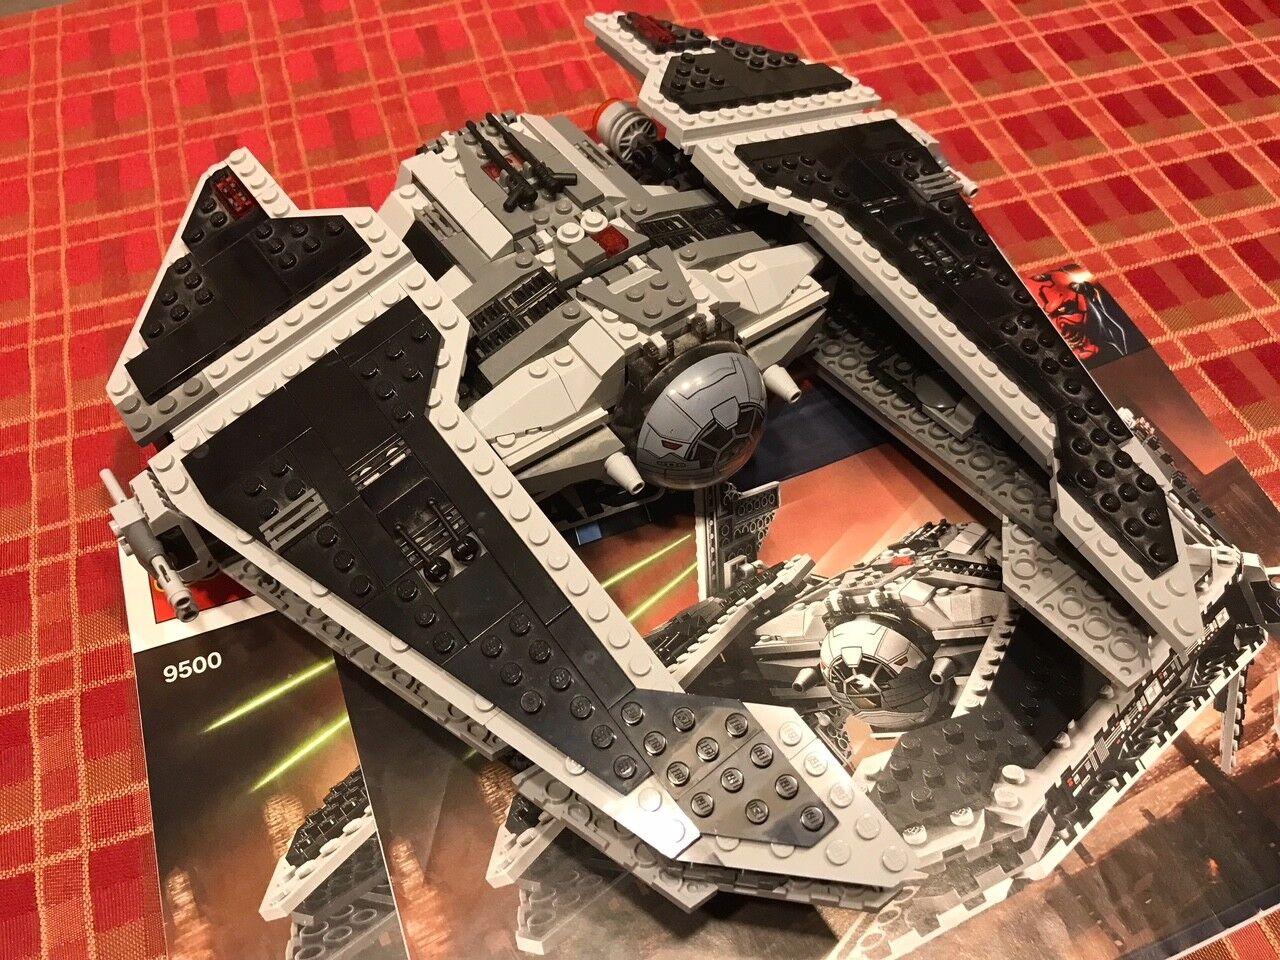 LEGO Star Wars 9500 - Sith Fury-class Interceptor